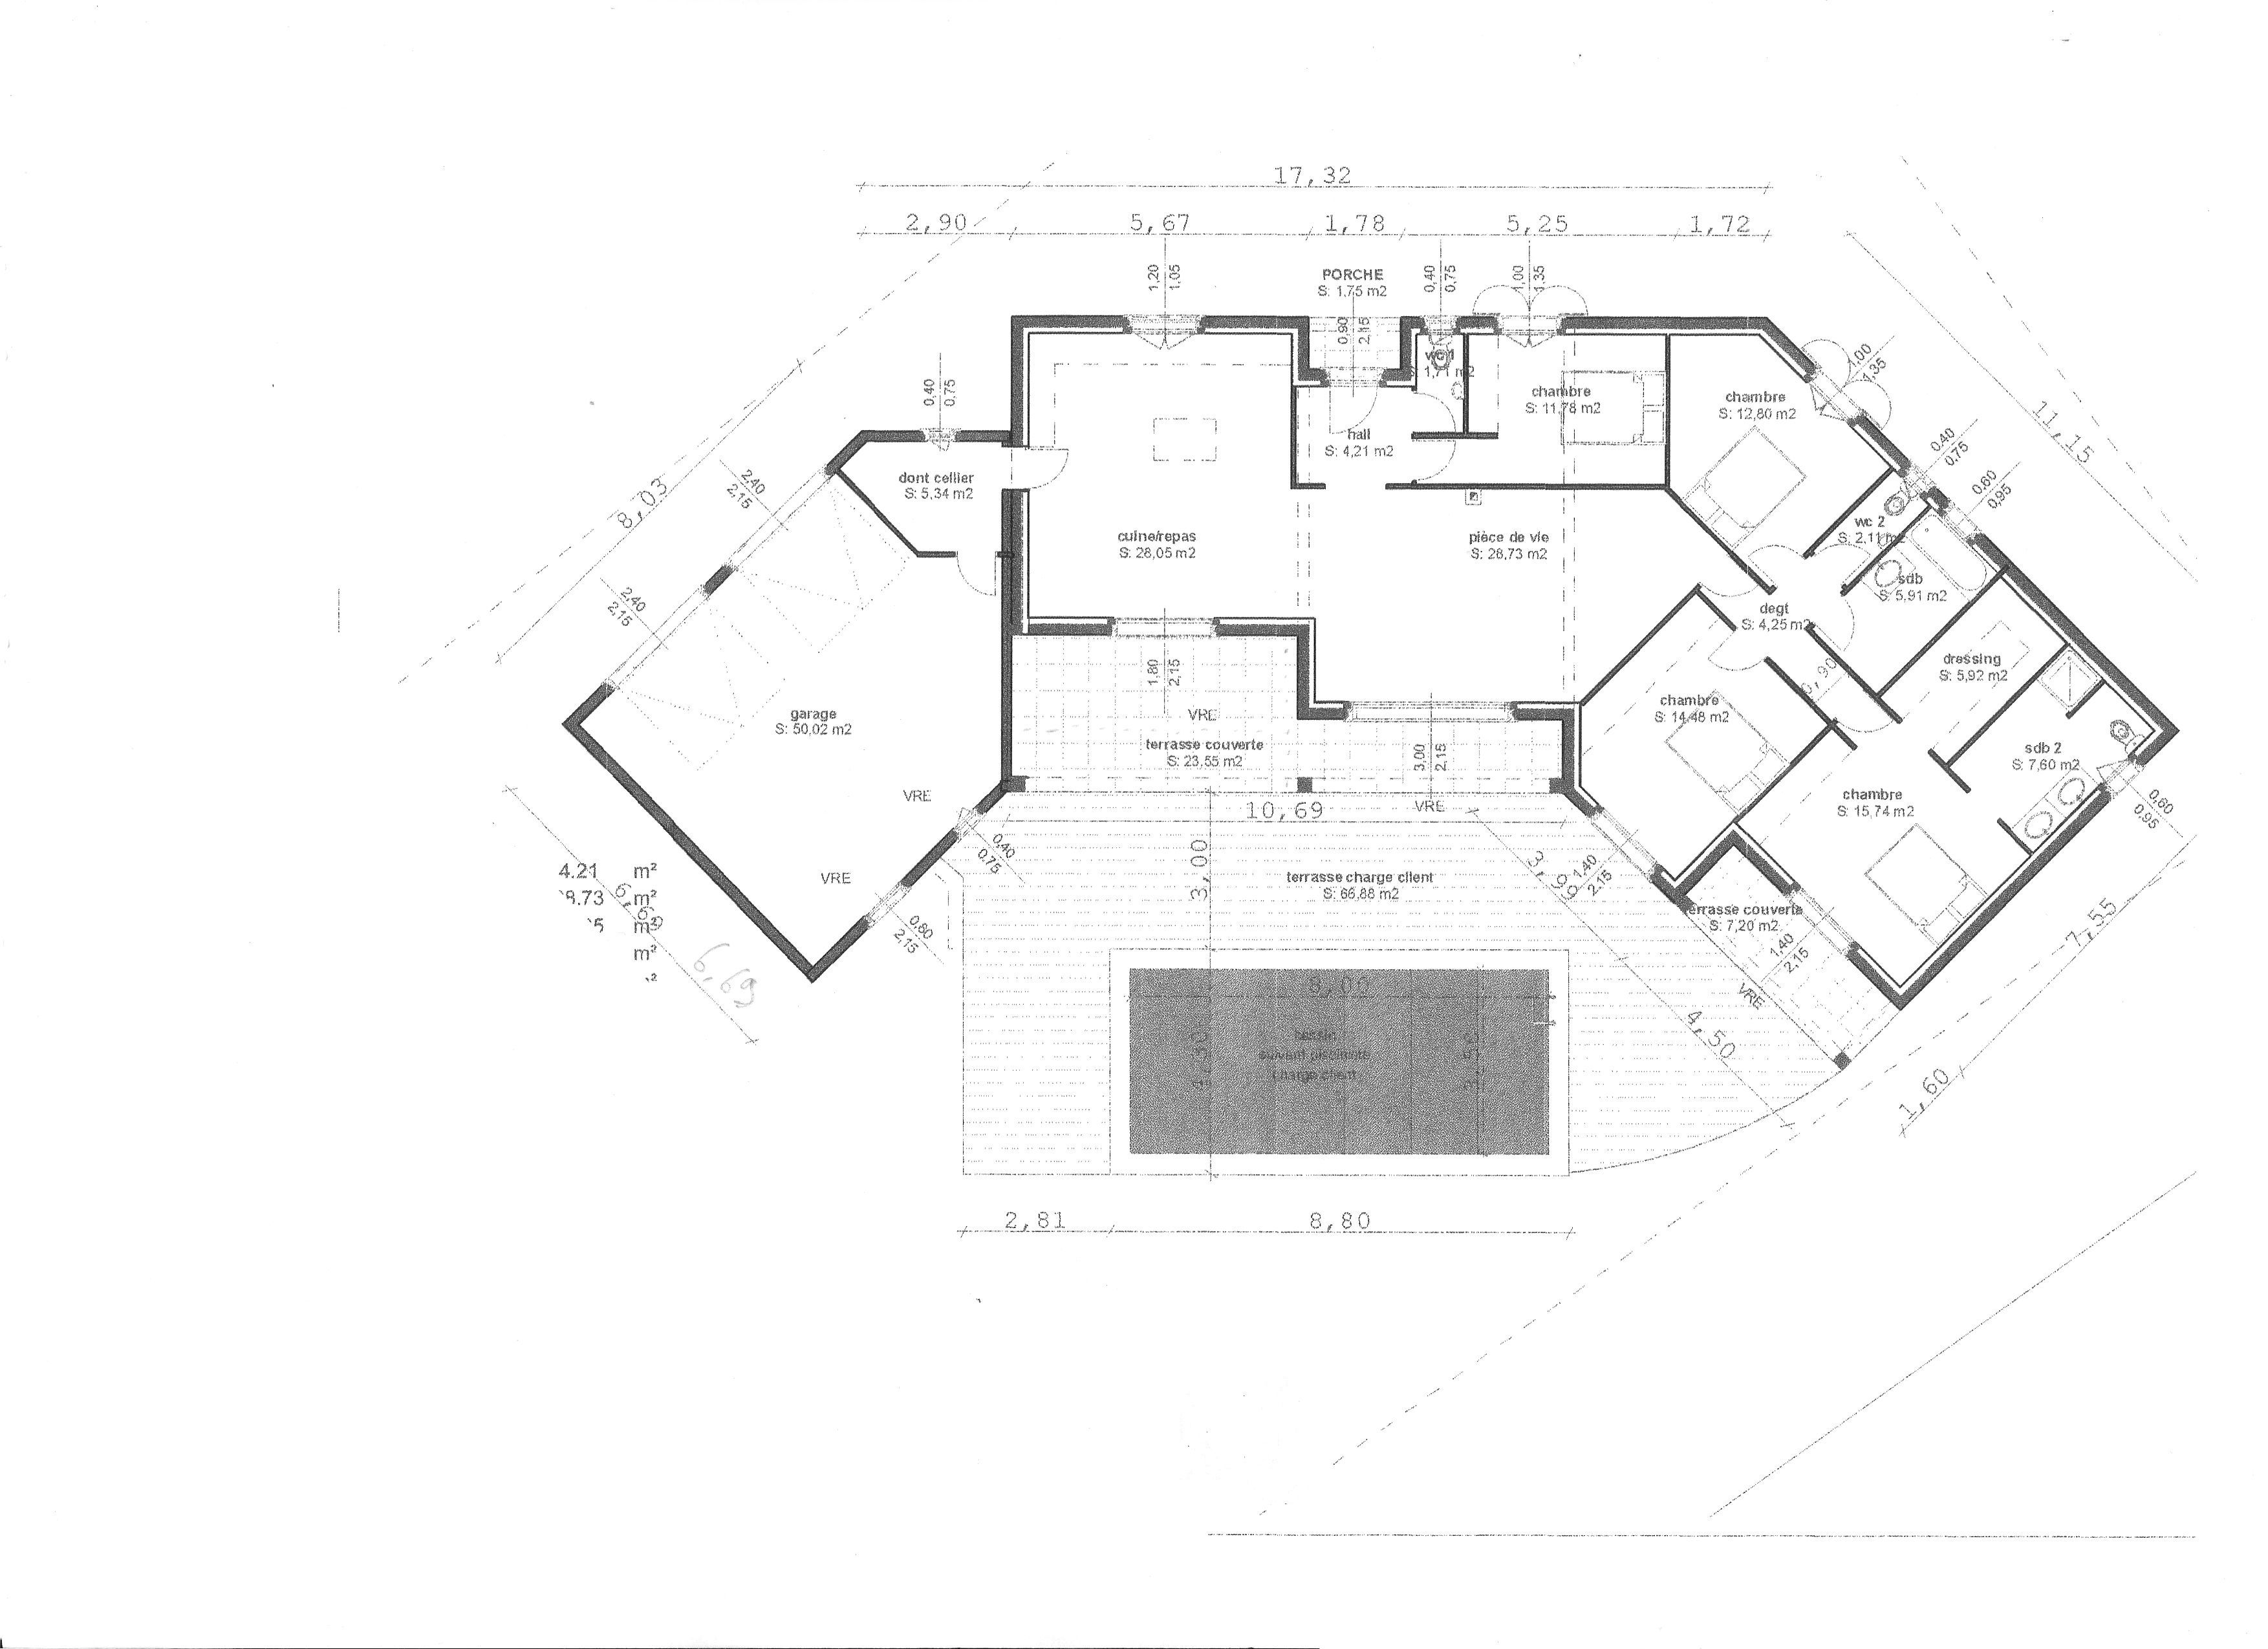 Nouveau plan maison 140m2 gratuit | Maison plain pied, Plan maison plain WP-78